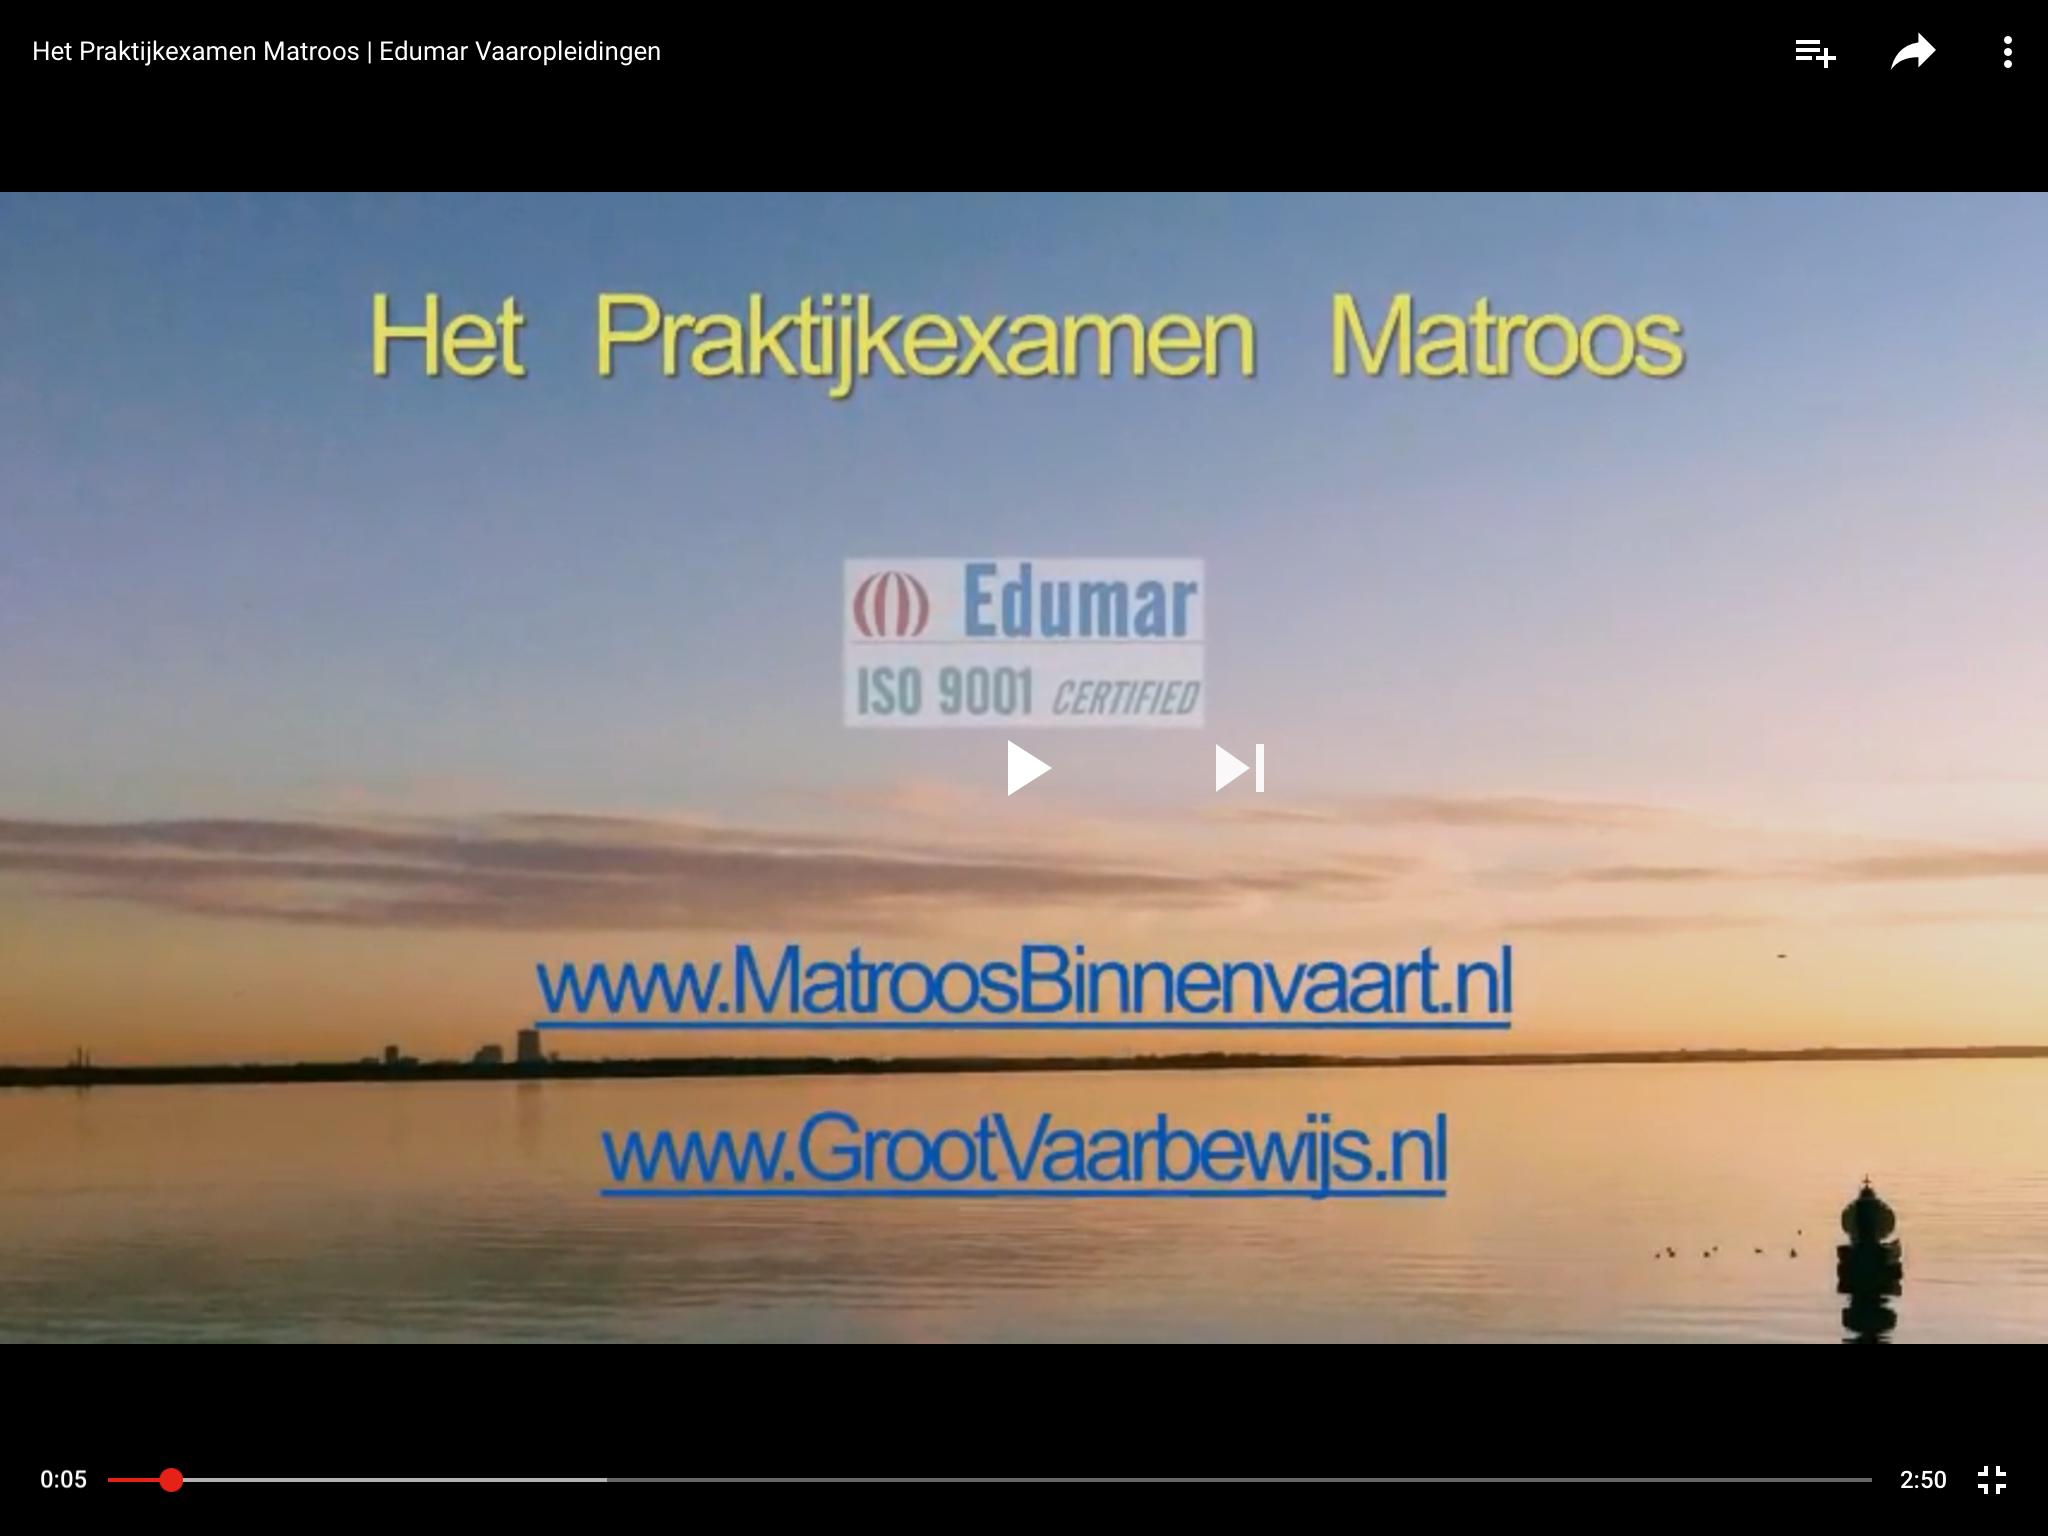 Matroos | 60 dagen | Praktijkopleiding | Praktijkexamen | Binnenvaart | Edumar | snel matroos | Begeleider Dirk Boere